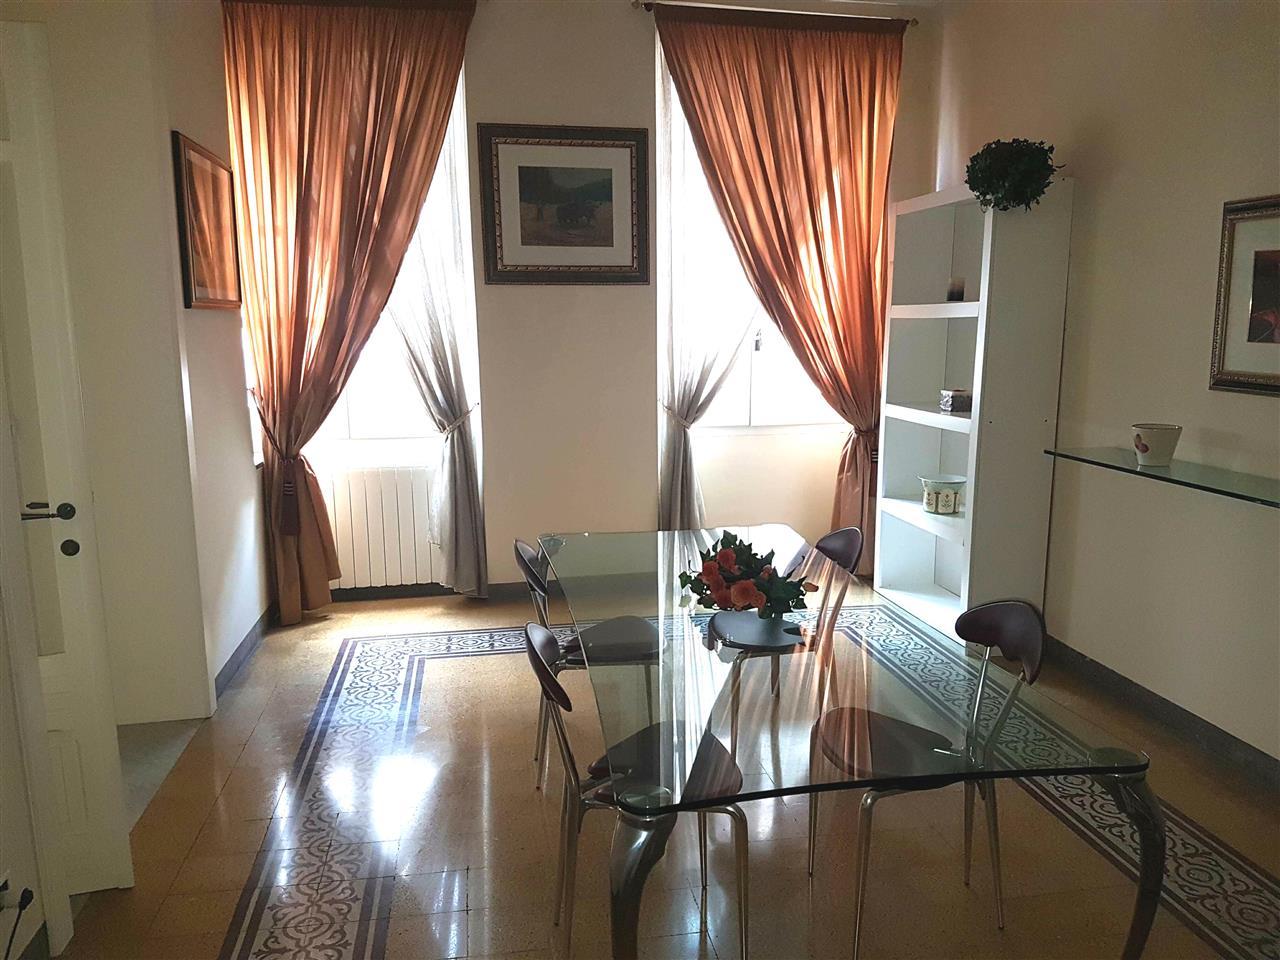 Appartamento a Sassari in corso vittorio emanuele 112 - centro storico - 01